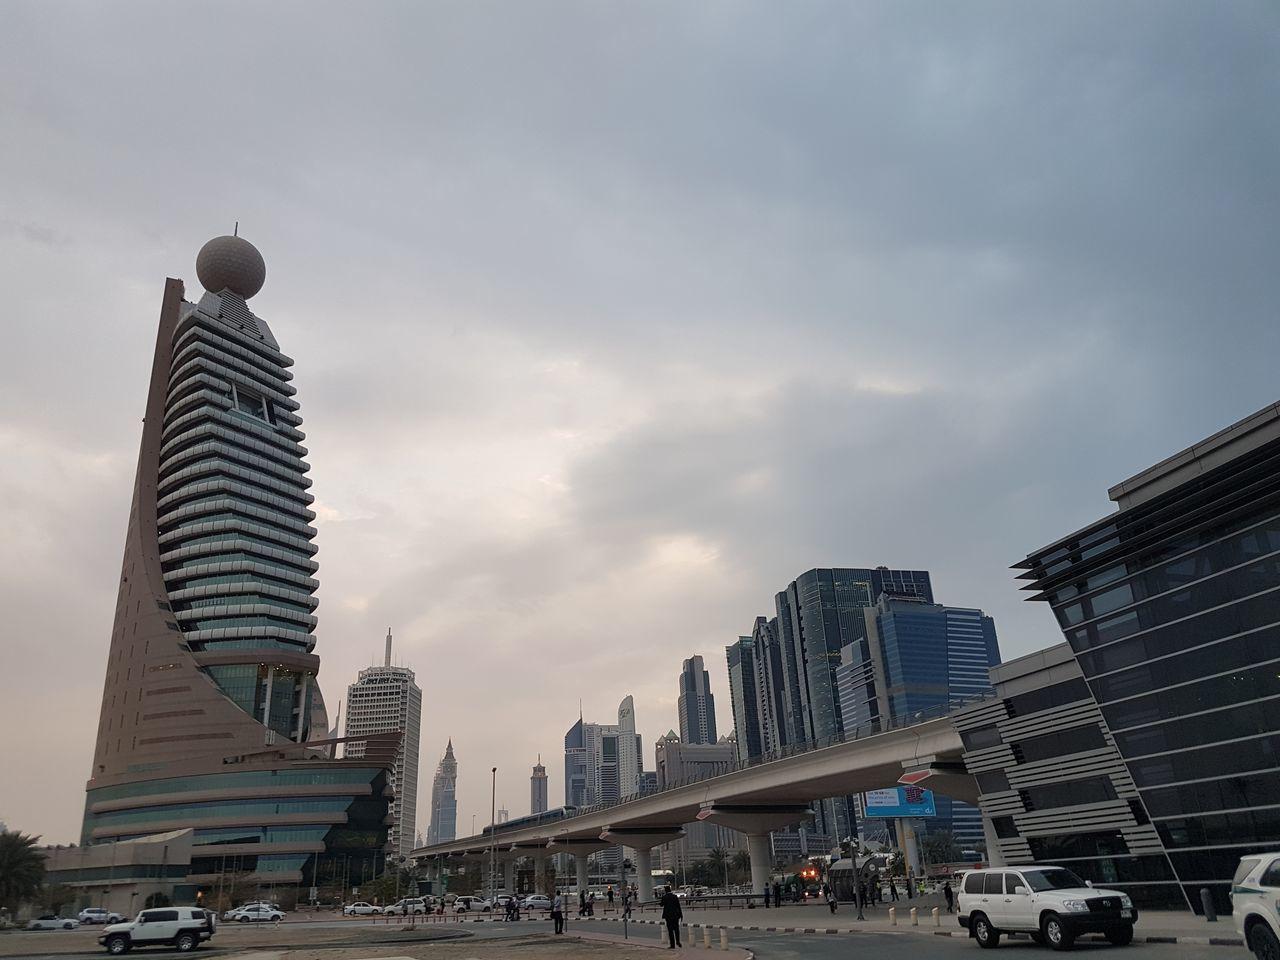 Hz339 A View From Dubai منظرمن،دبي